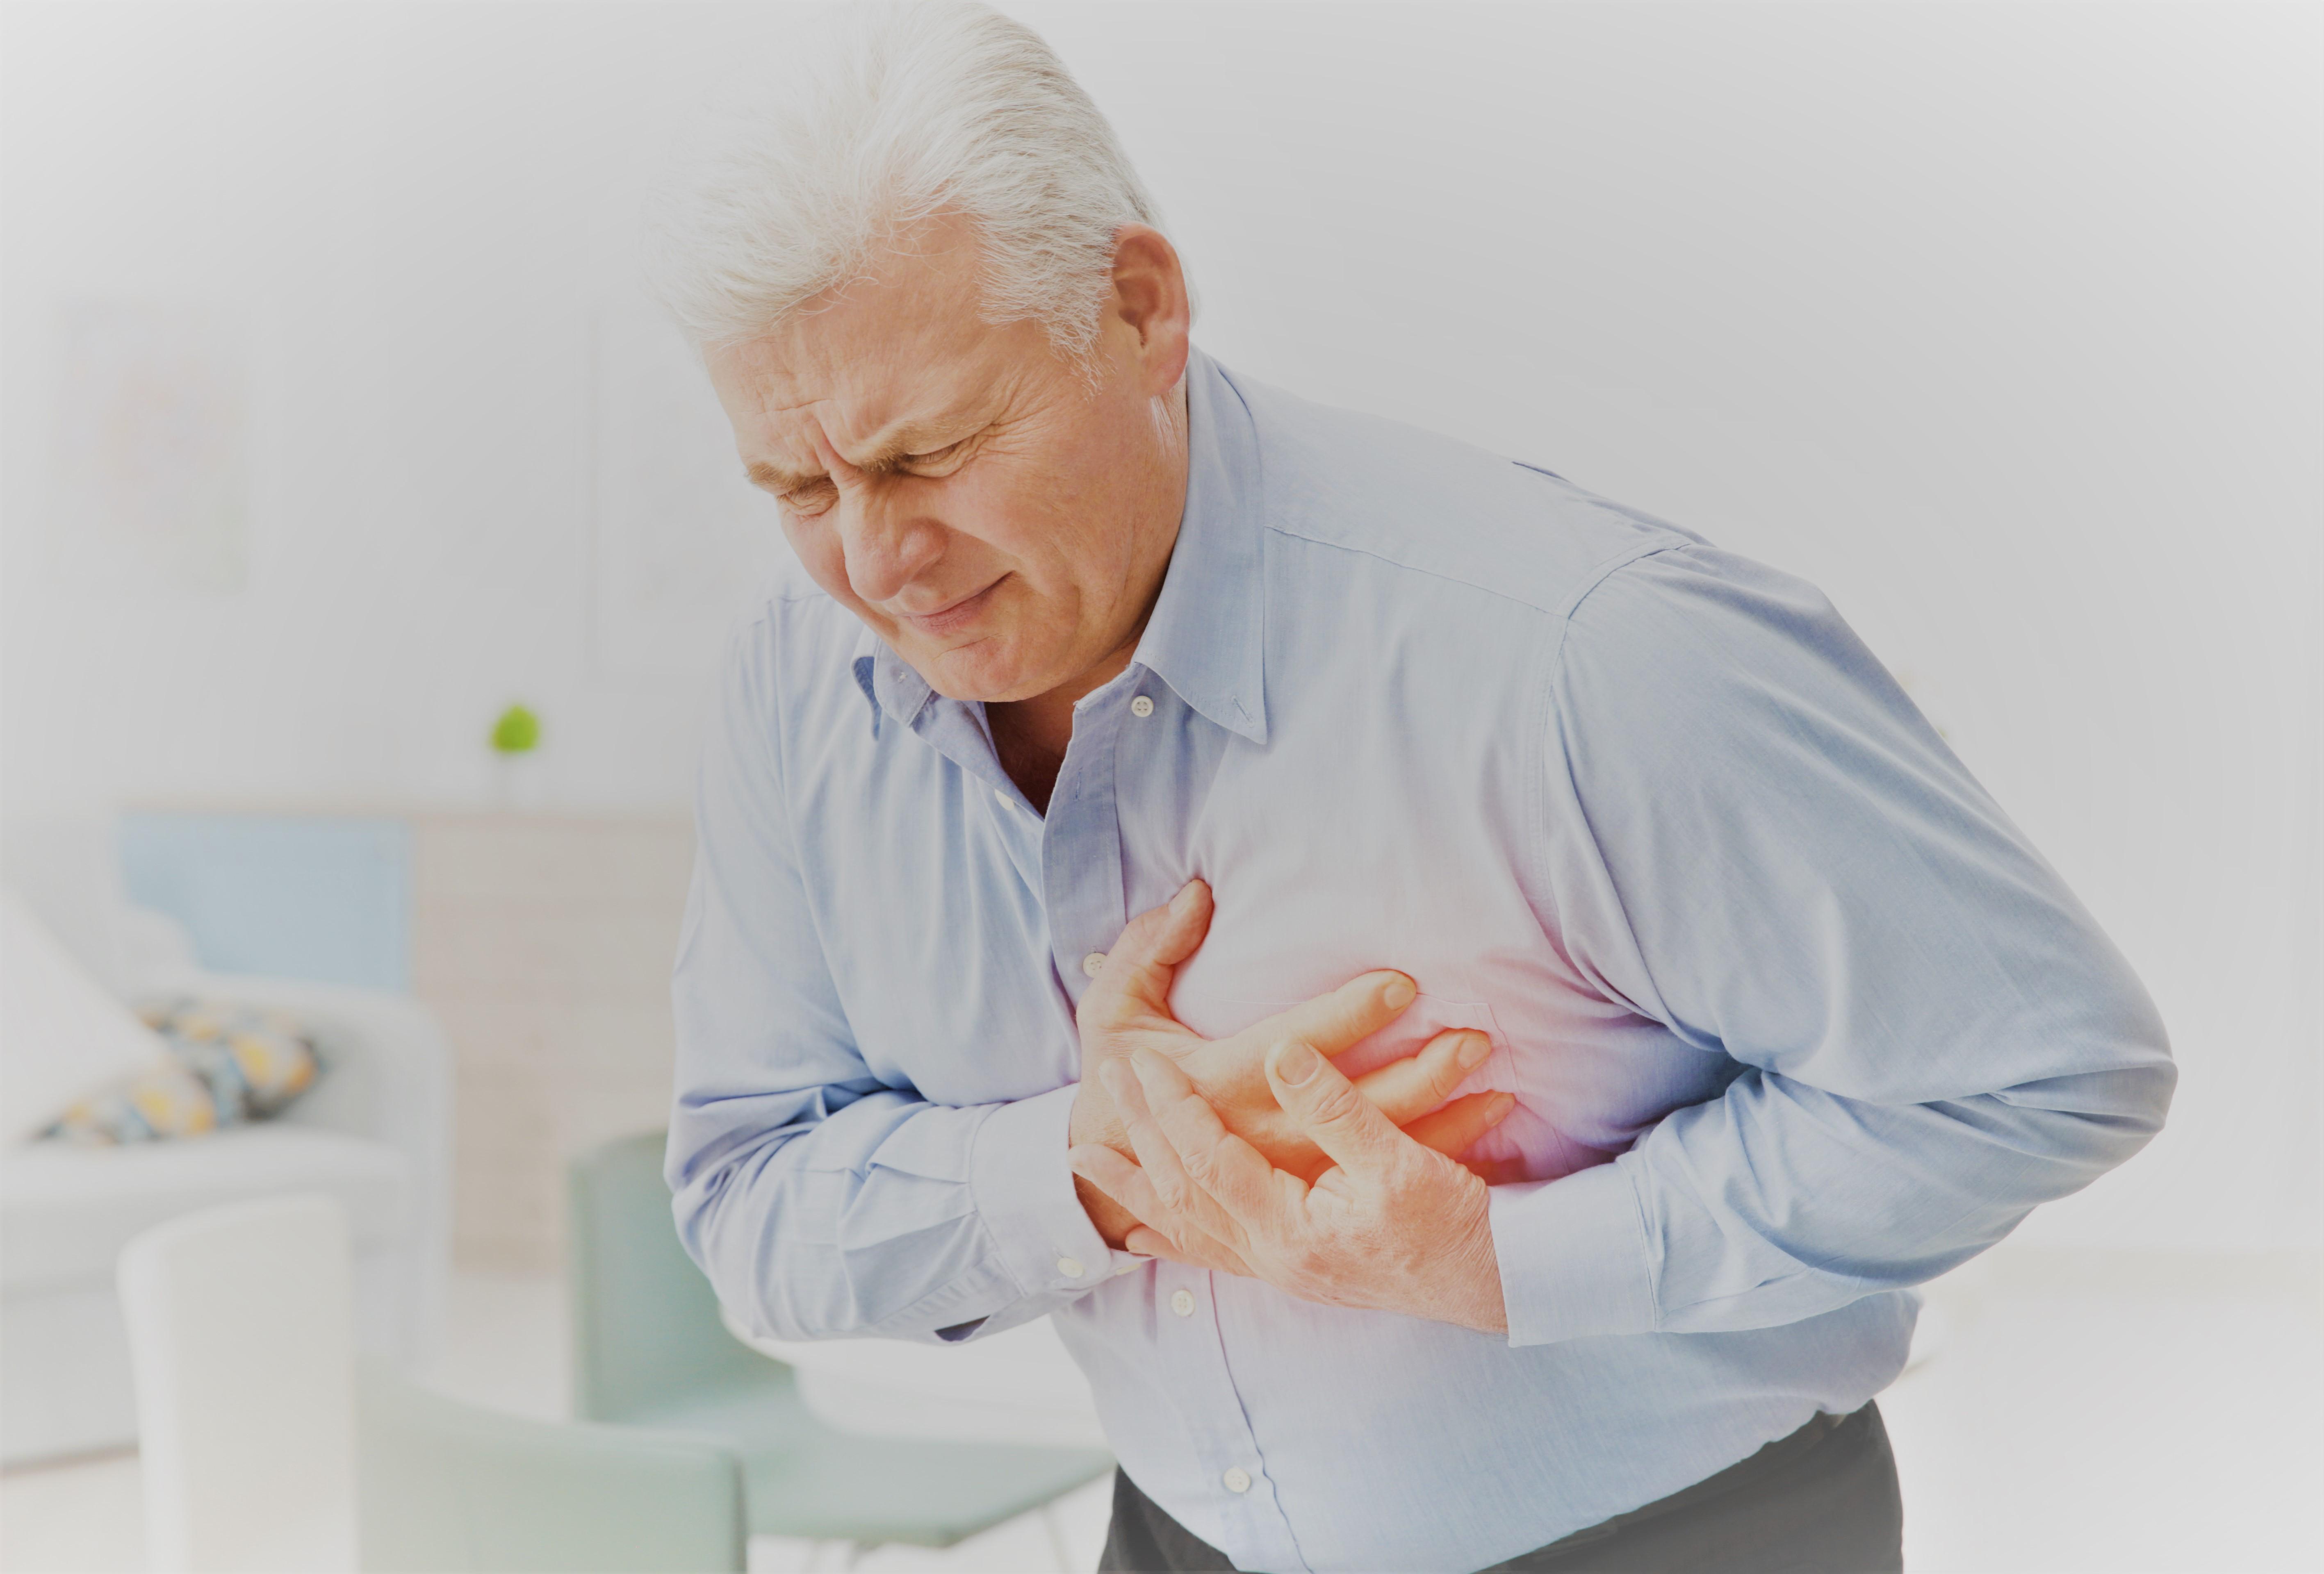 meddig fájnak a lábak ízületei ülő helyzetben a térdízület fájdalma